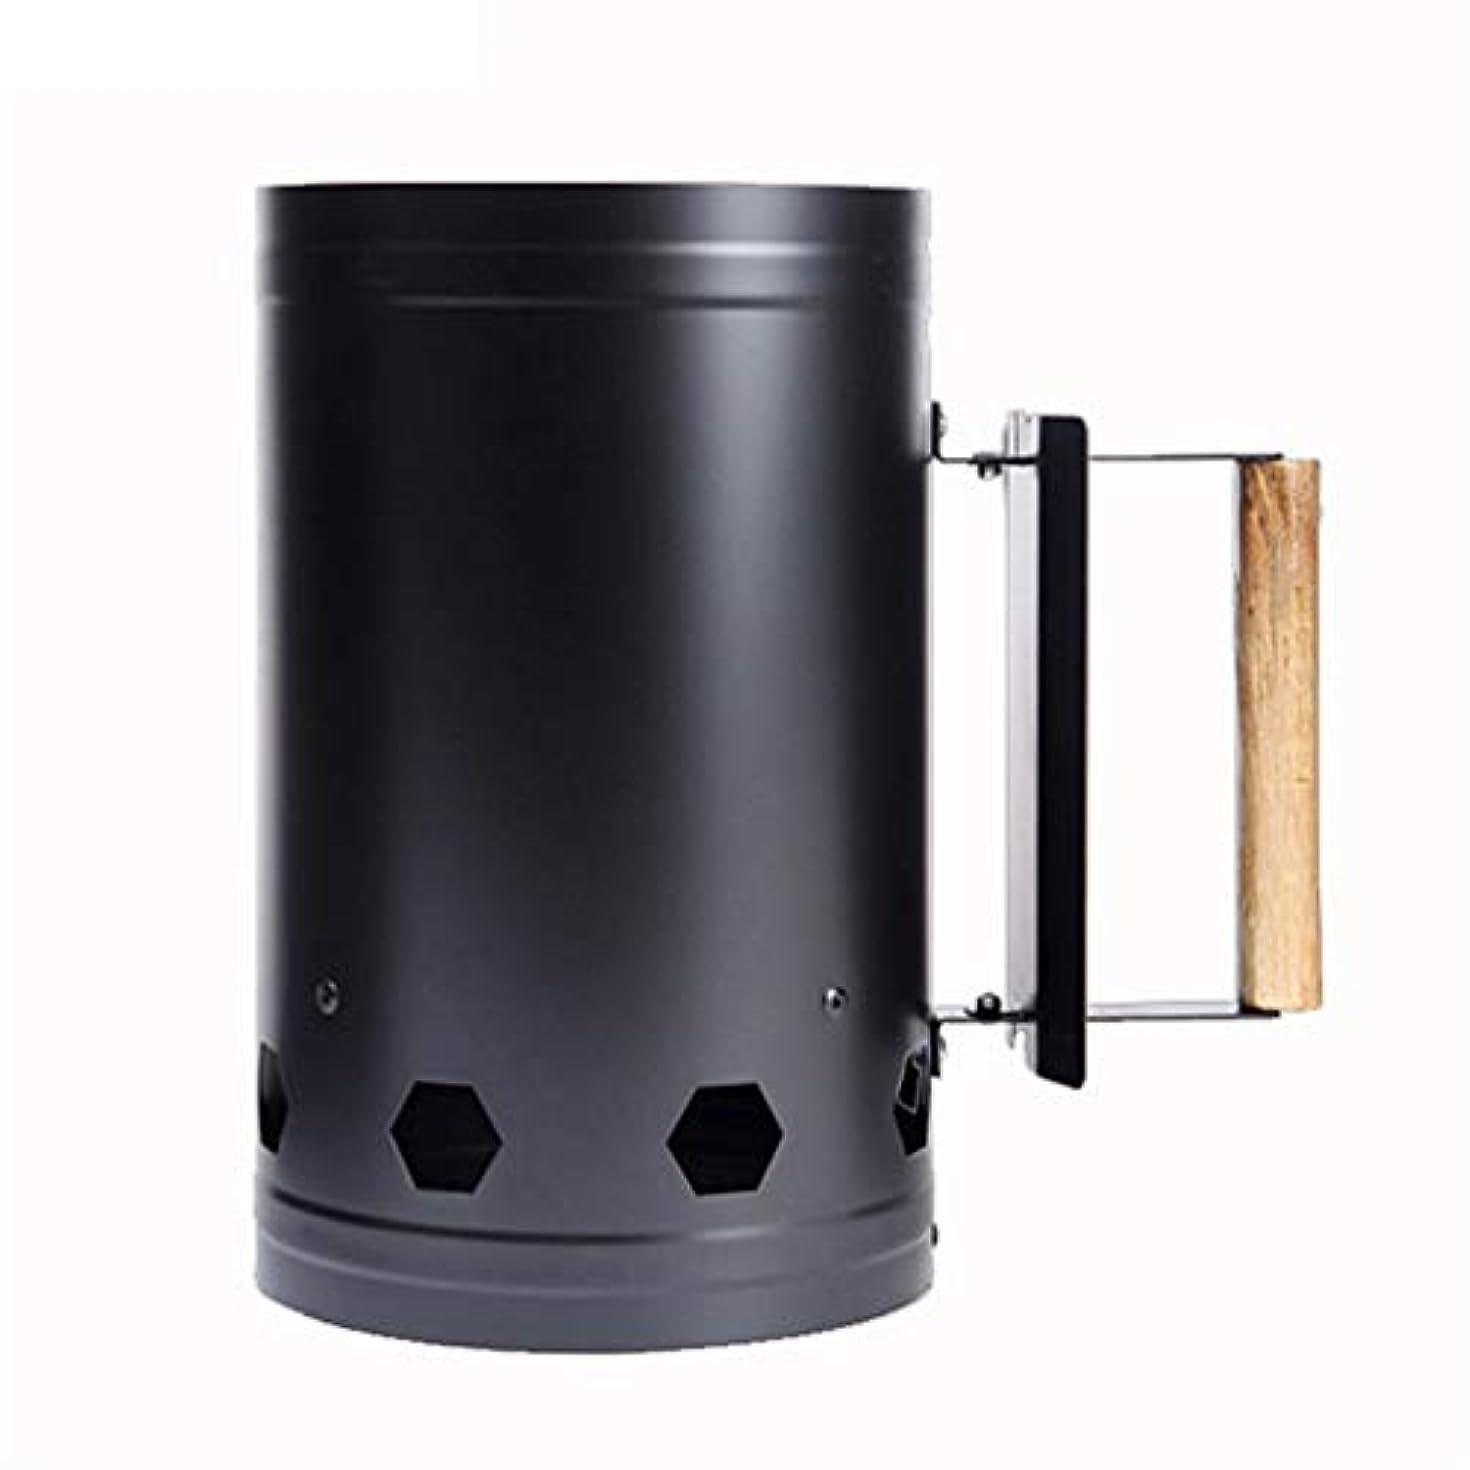 冬弾薬団結する木製ハンドル付き石炭バーナースターター - グリル炭煙突照明 - バーベキューキャンプ用炭スターター - バーベキュークイックスタート